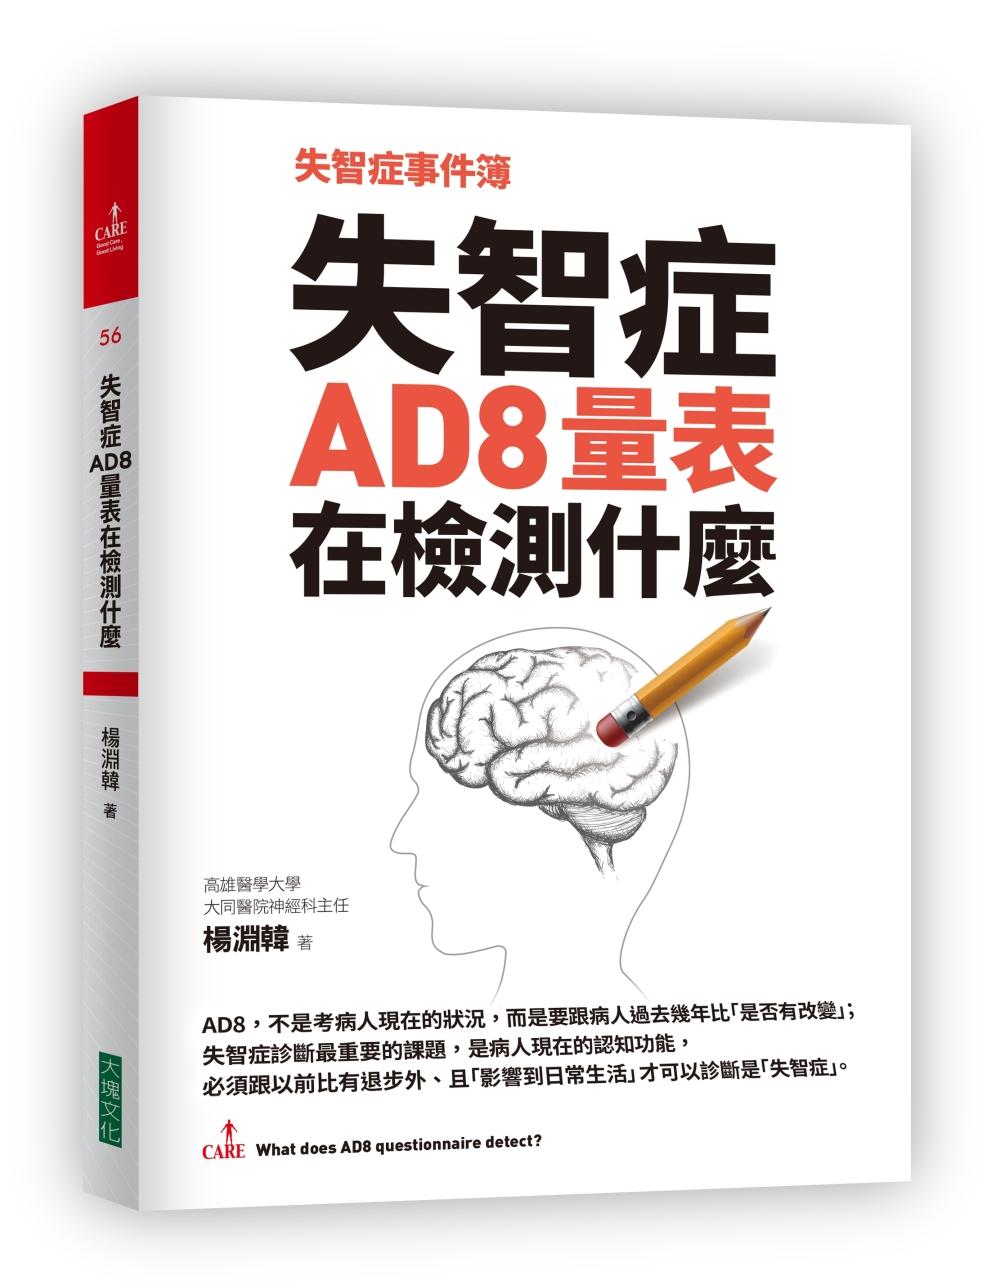 失智症事件簿:失智症AD8量表在檢測什麼